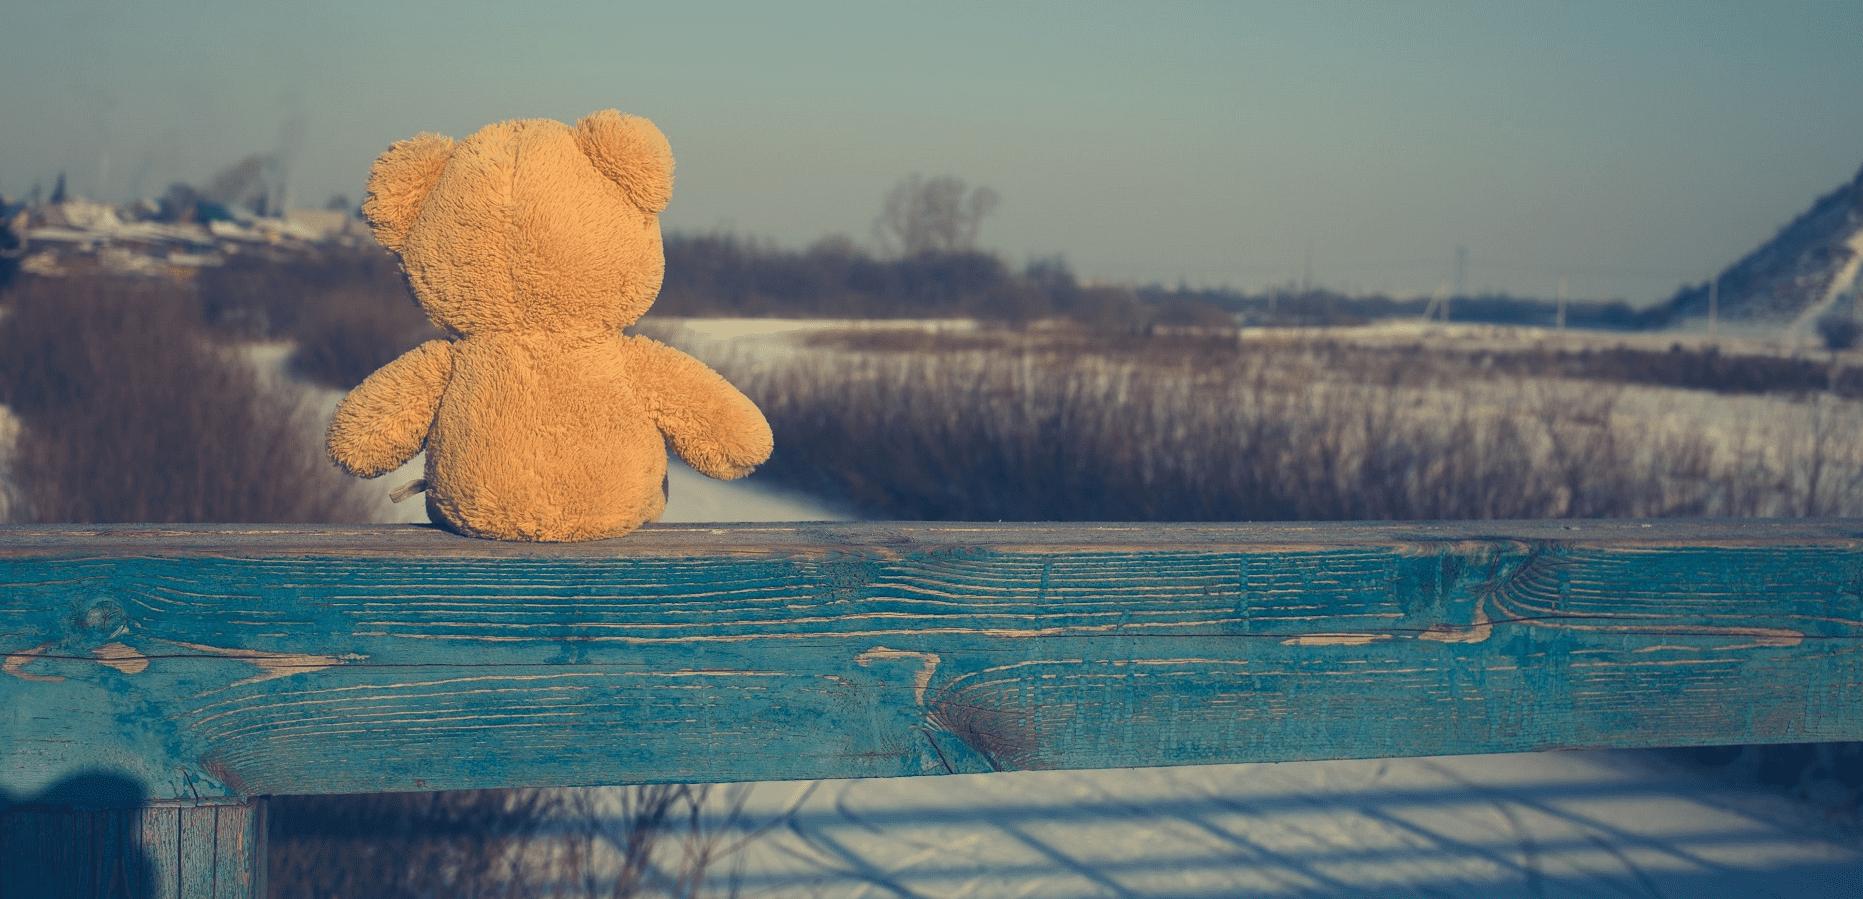 risico's en beschermende factoren bij zelfdoding, zelfverminking, zelfmoord, zelfdoding, depressie symptomen, depressie kenmerken